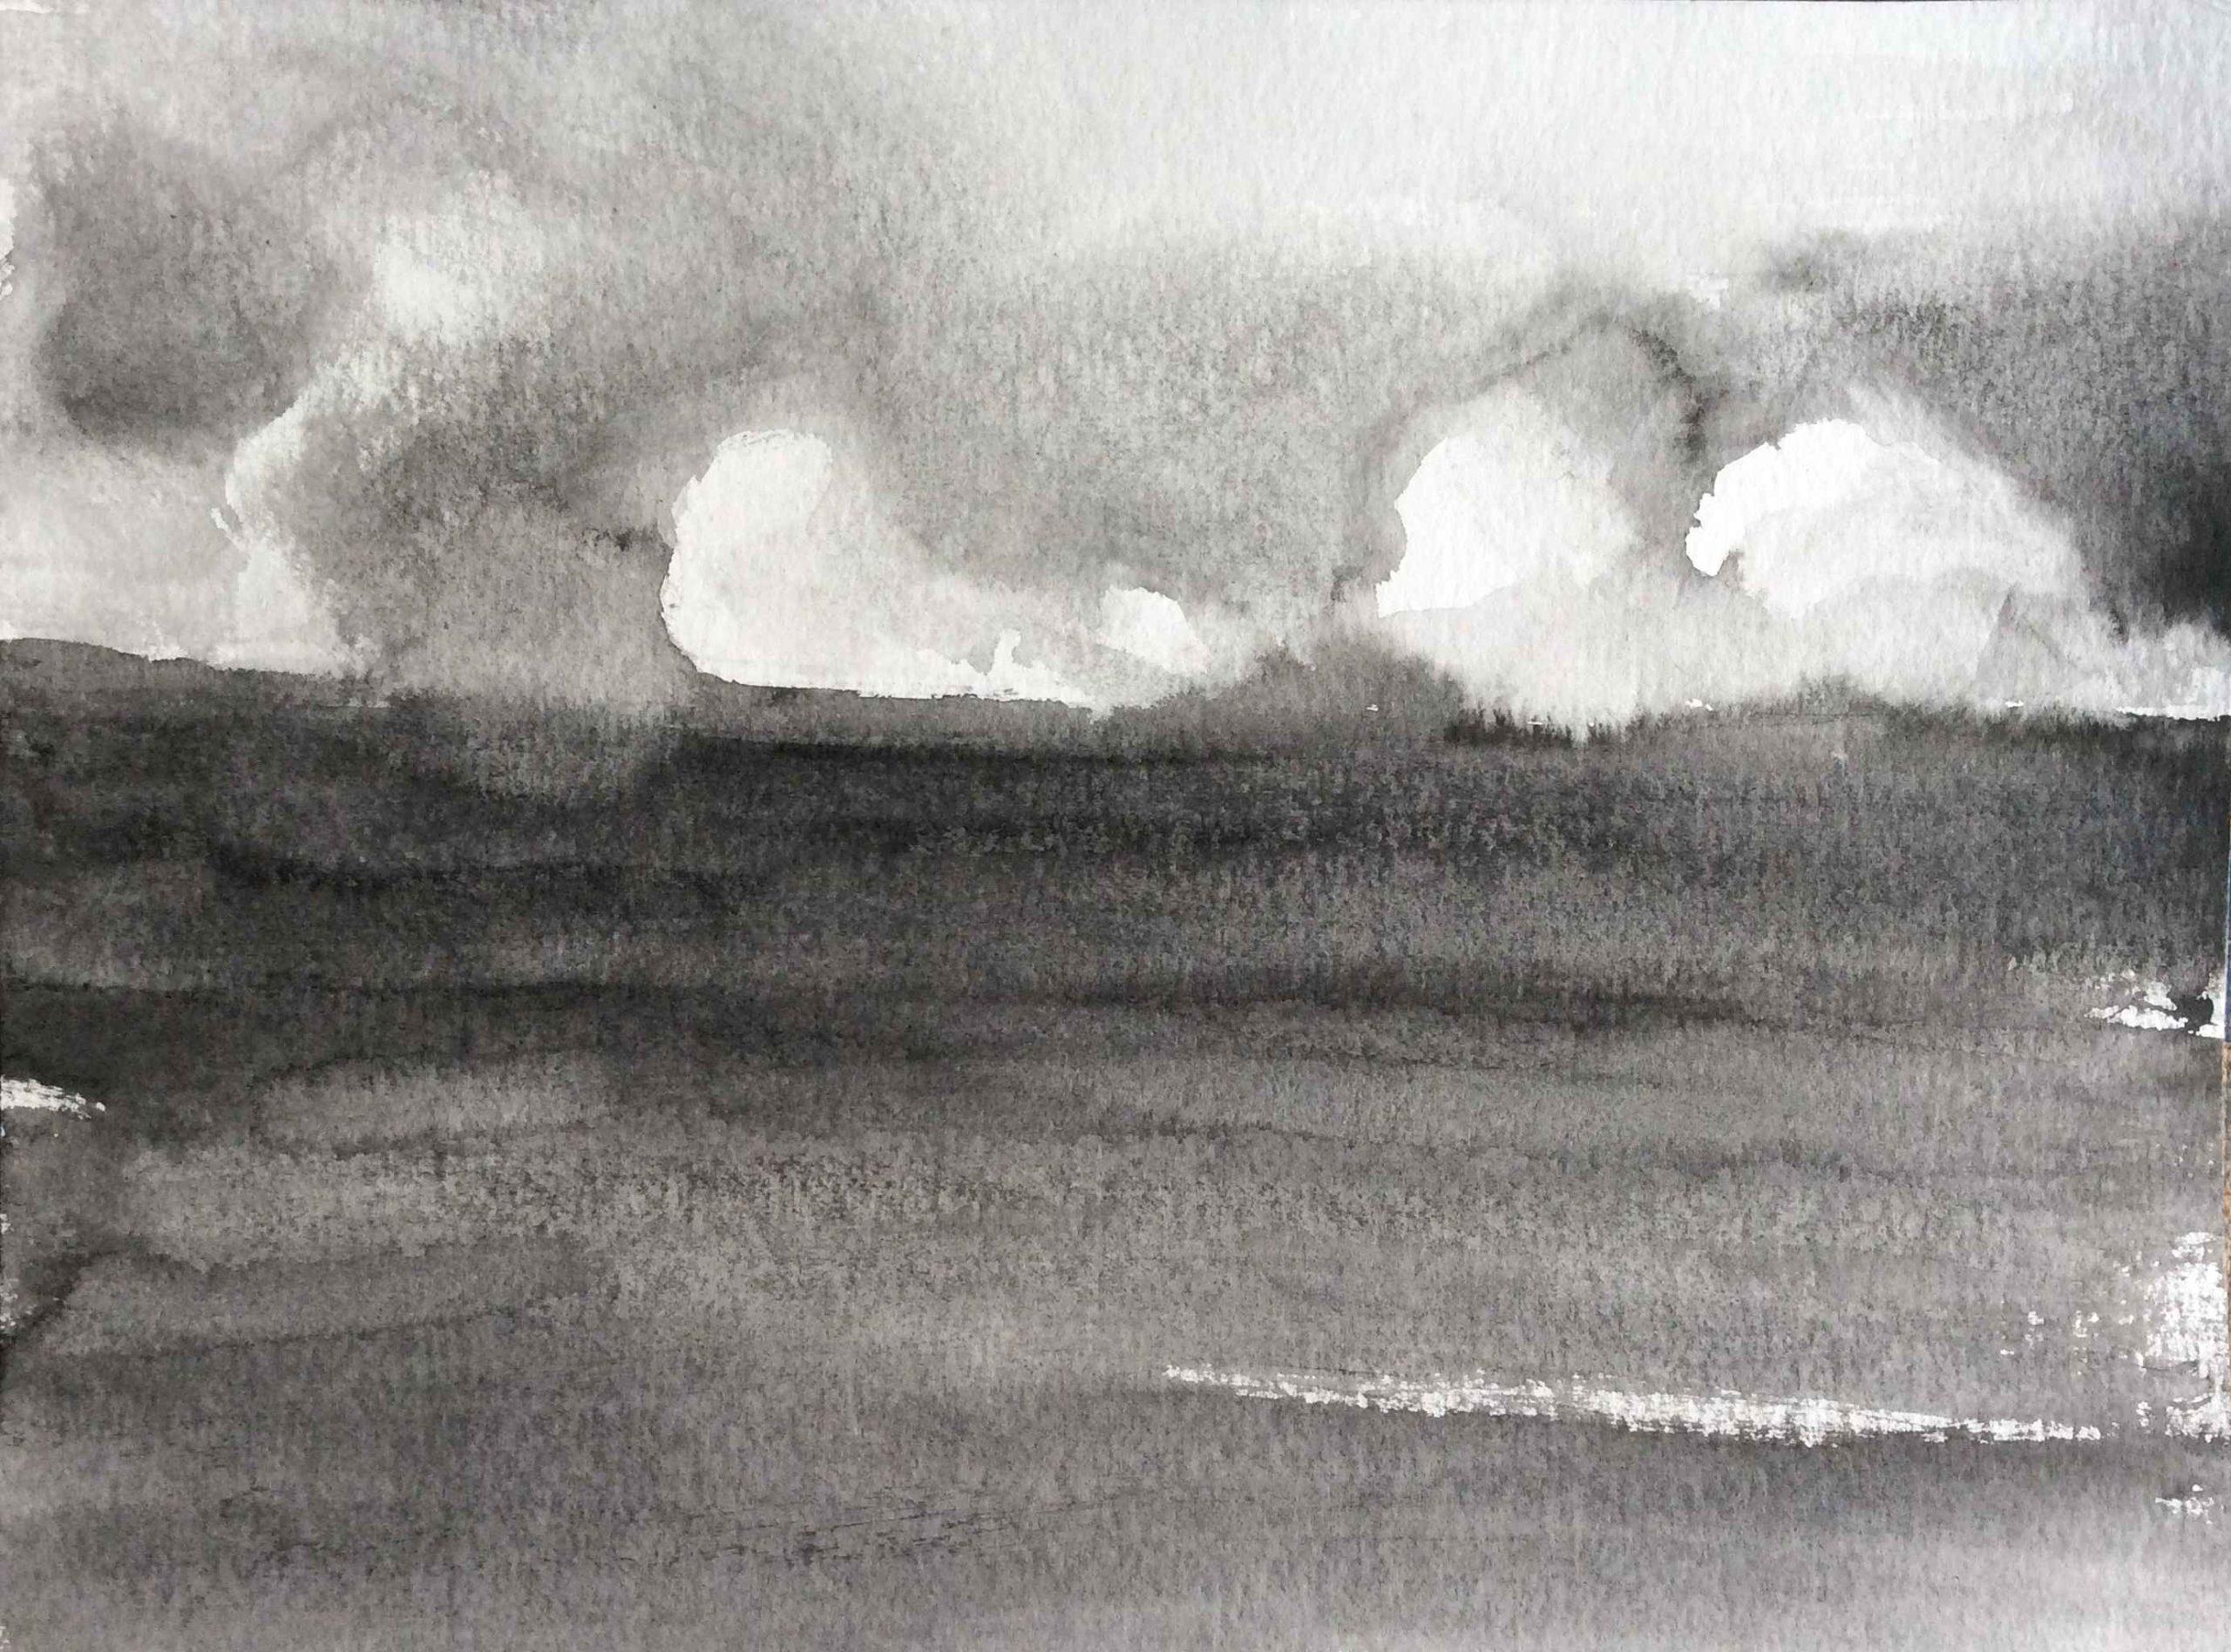 No title, 30x40cm, ink, paper, 2020